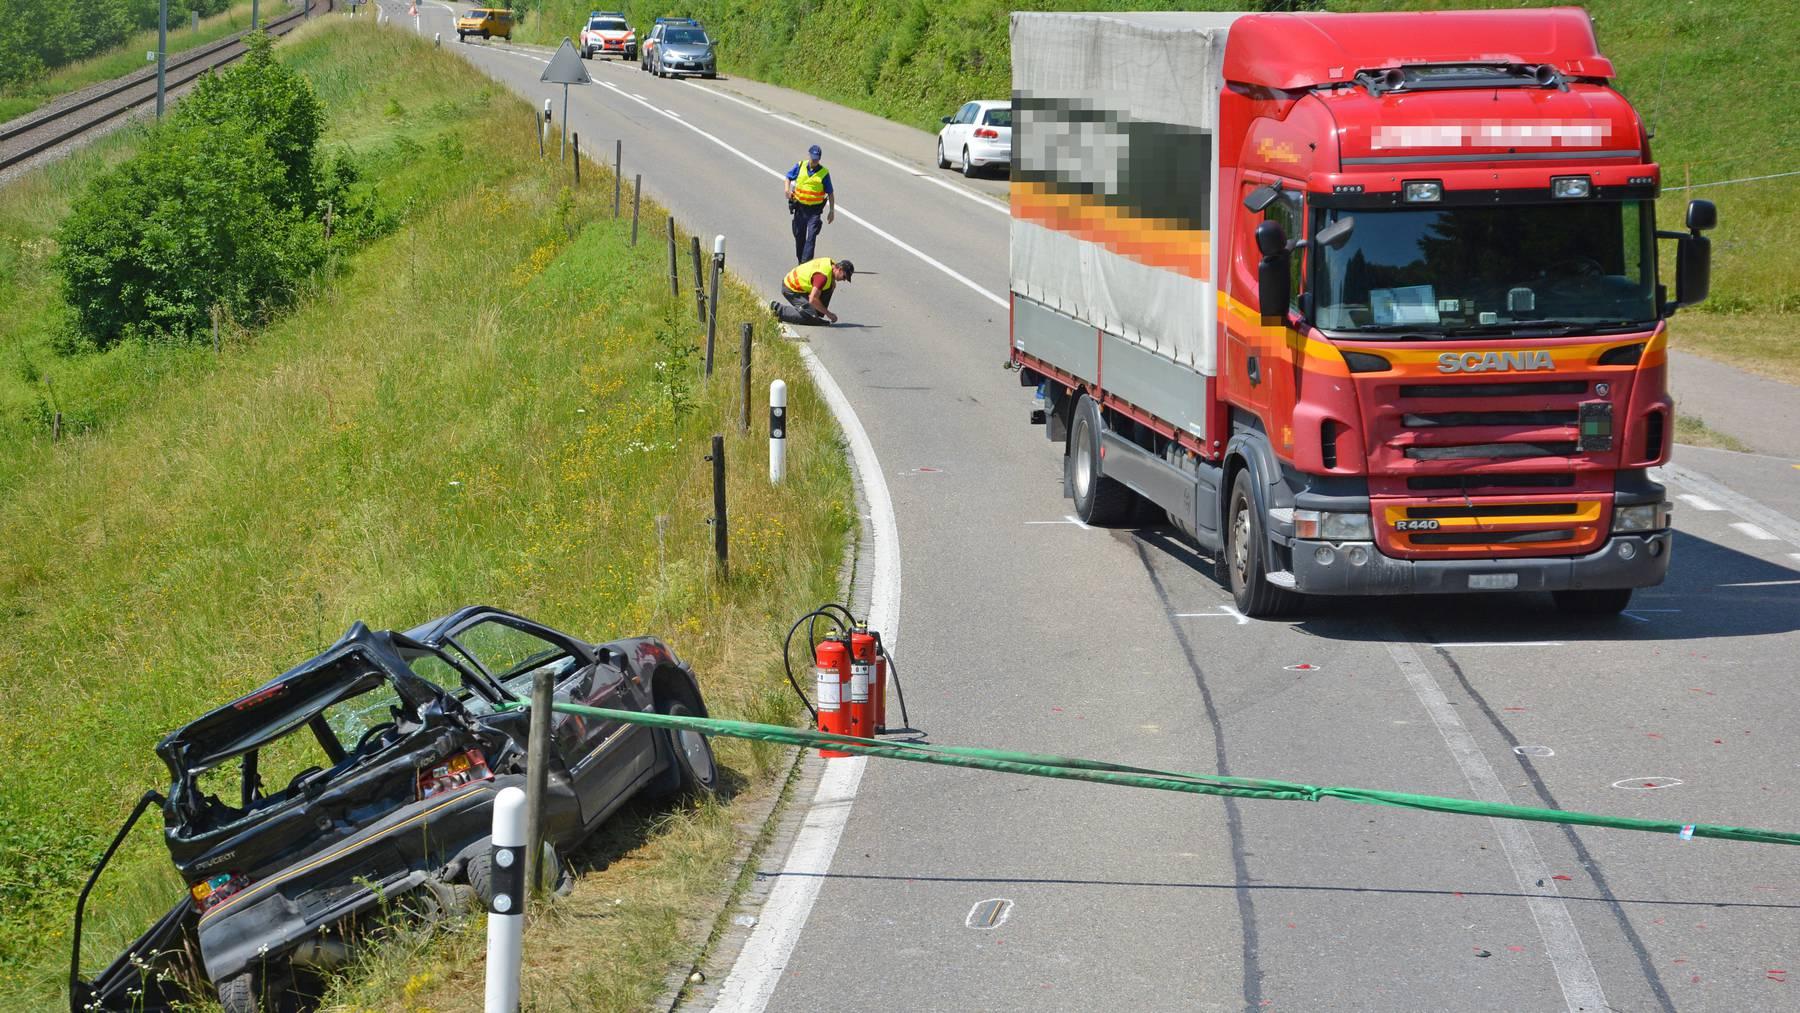 Bei Kradolf-Schönenberg hat sich ein schwerer Unfall ereignet.